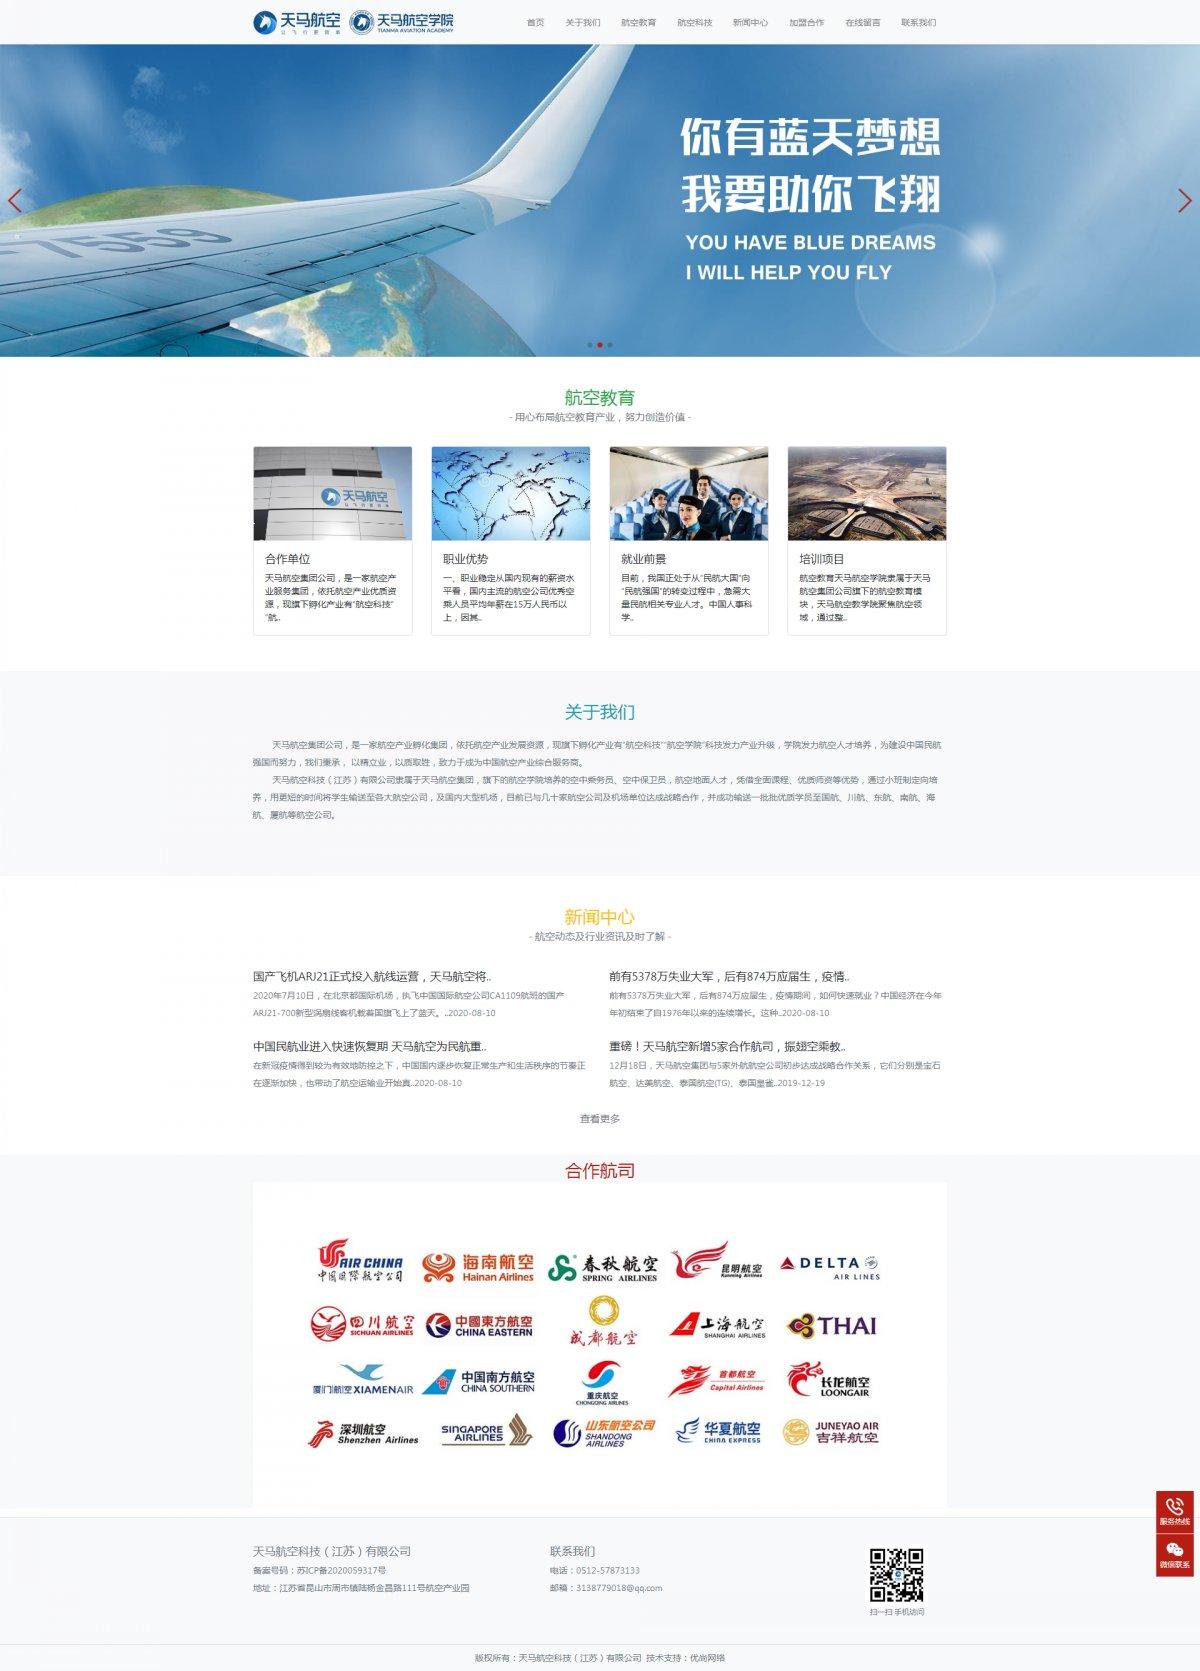 天马航空科技(江苏)有限公司案例